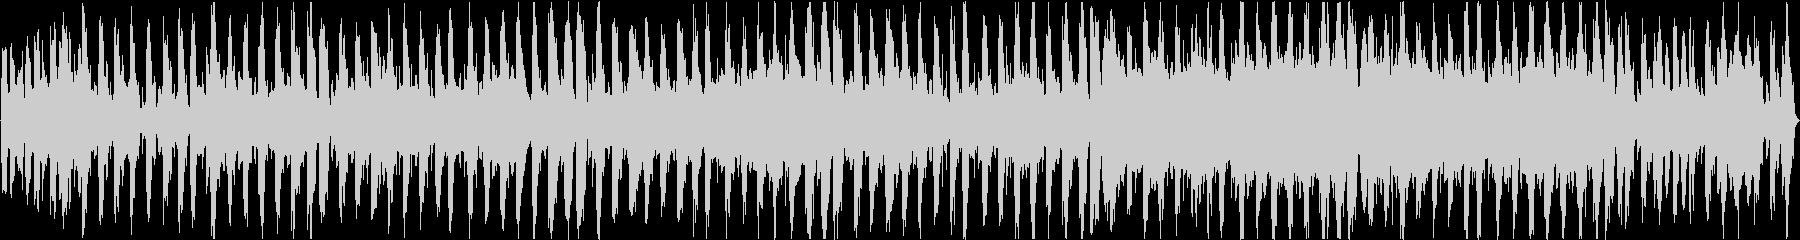 シンセループ音源ネット放送やゲームBGMの未再生の波形